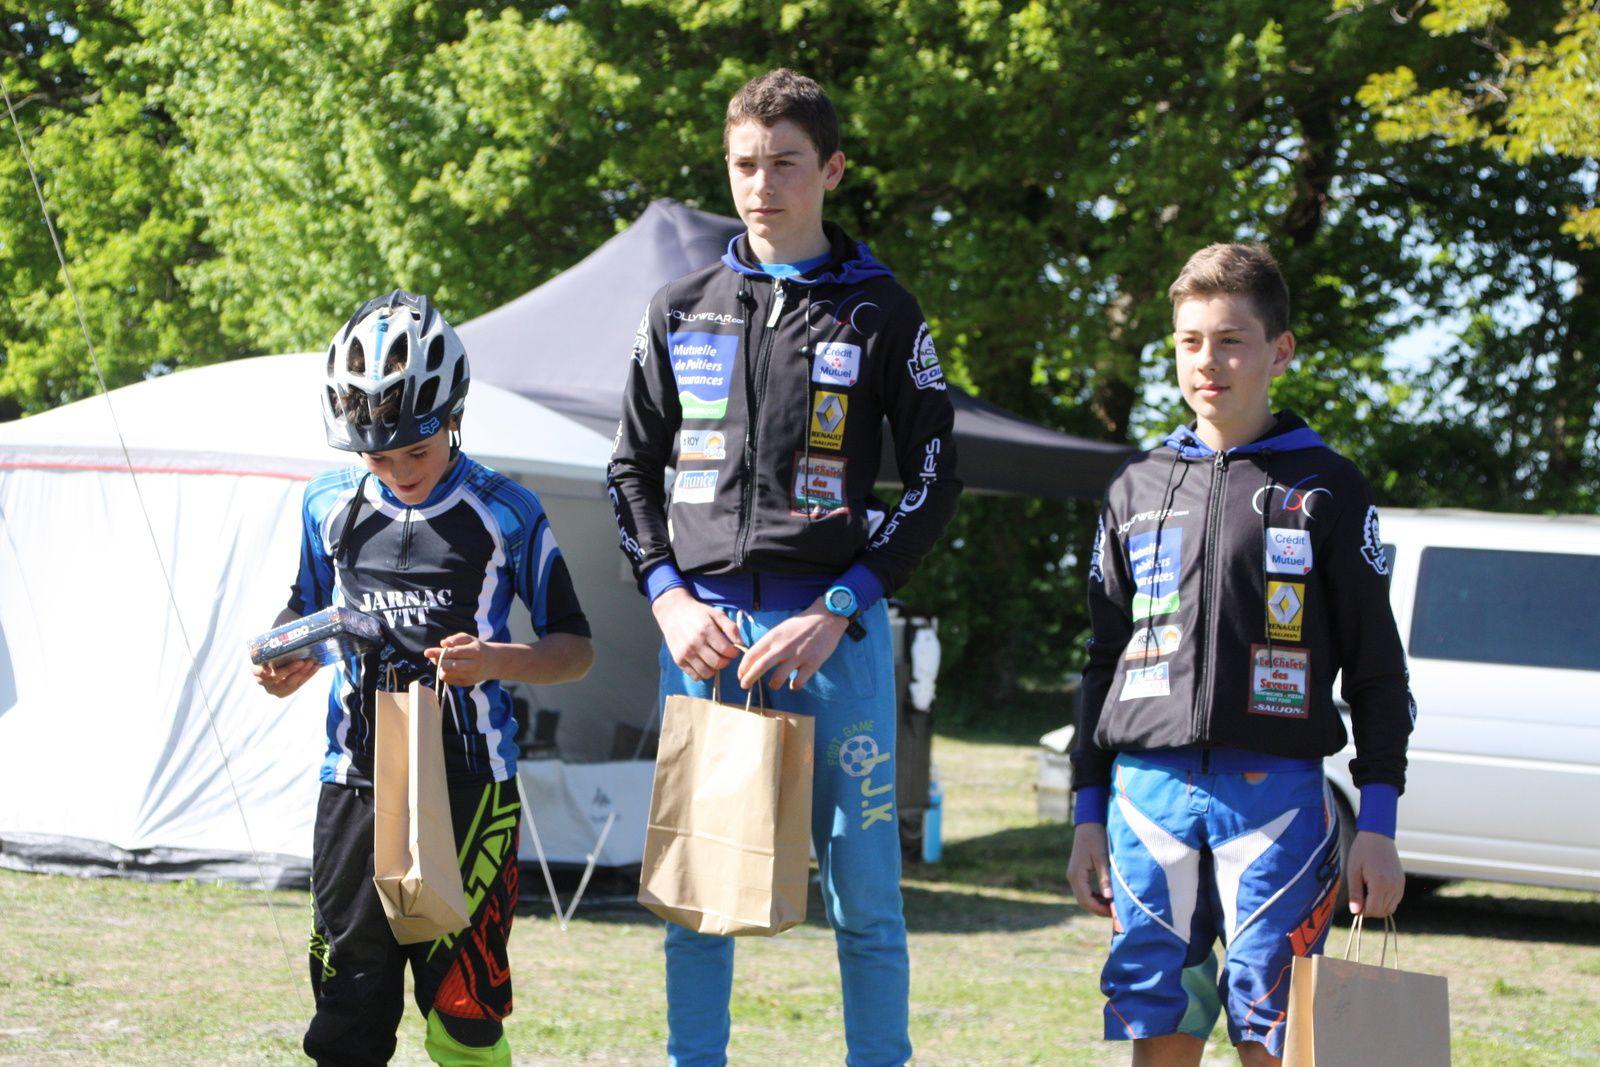 Podium  Minimes  =  1er  Timothy  BAUGE(Côte de Beauté C), 2e  Mathis  LANDREAU(Jarnac VTT), 3e  Thomas  BOUCHETR(Côte de Beauté C), 4e  Antoine  BOUCHER (Côte de Beauté C), 5e  Guewenn  BOUTHET(Jarnac VTT), 6e  Melvin  CHAIGNAUD(Jarnac  VTT), 7e  Antonin  LADEUIX(Côte de Beauté C), 8e  Mathis  SOUPE(Jarnac  VTT), 9e  Valentin  ZINSZNER(Jarnac  VTT), 10e  Maxence  DUBREUIL(Jarnac  VTT), 11e  Alexis  LE PADRUN(AC  Nieul les Saintes).R